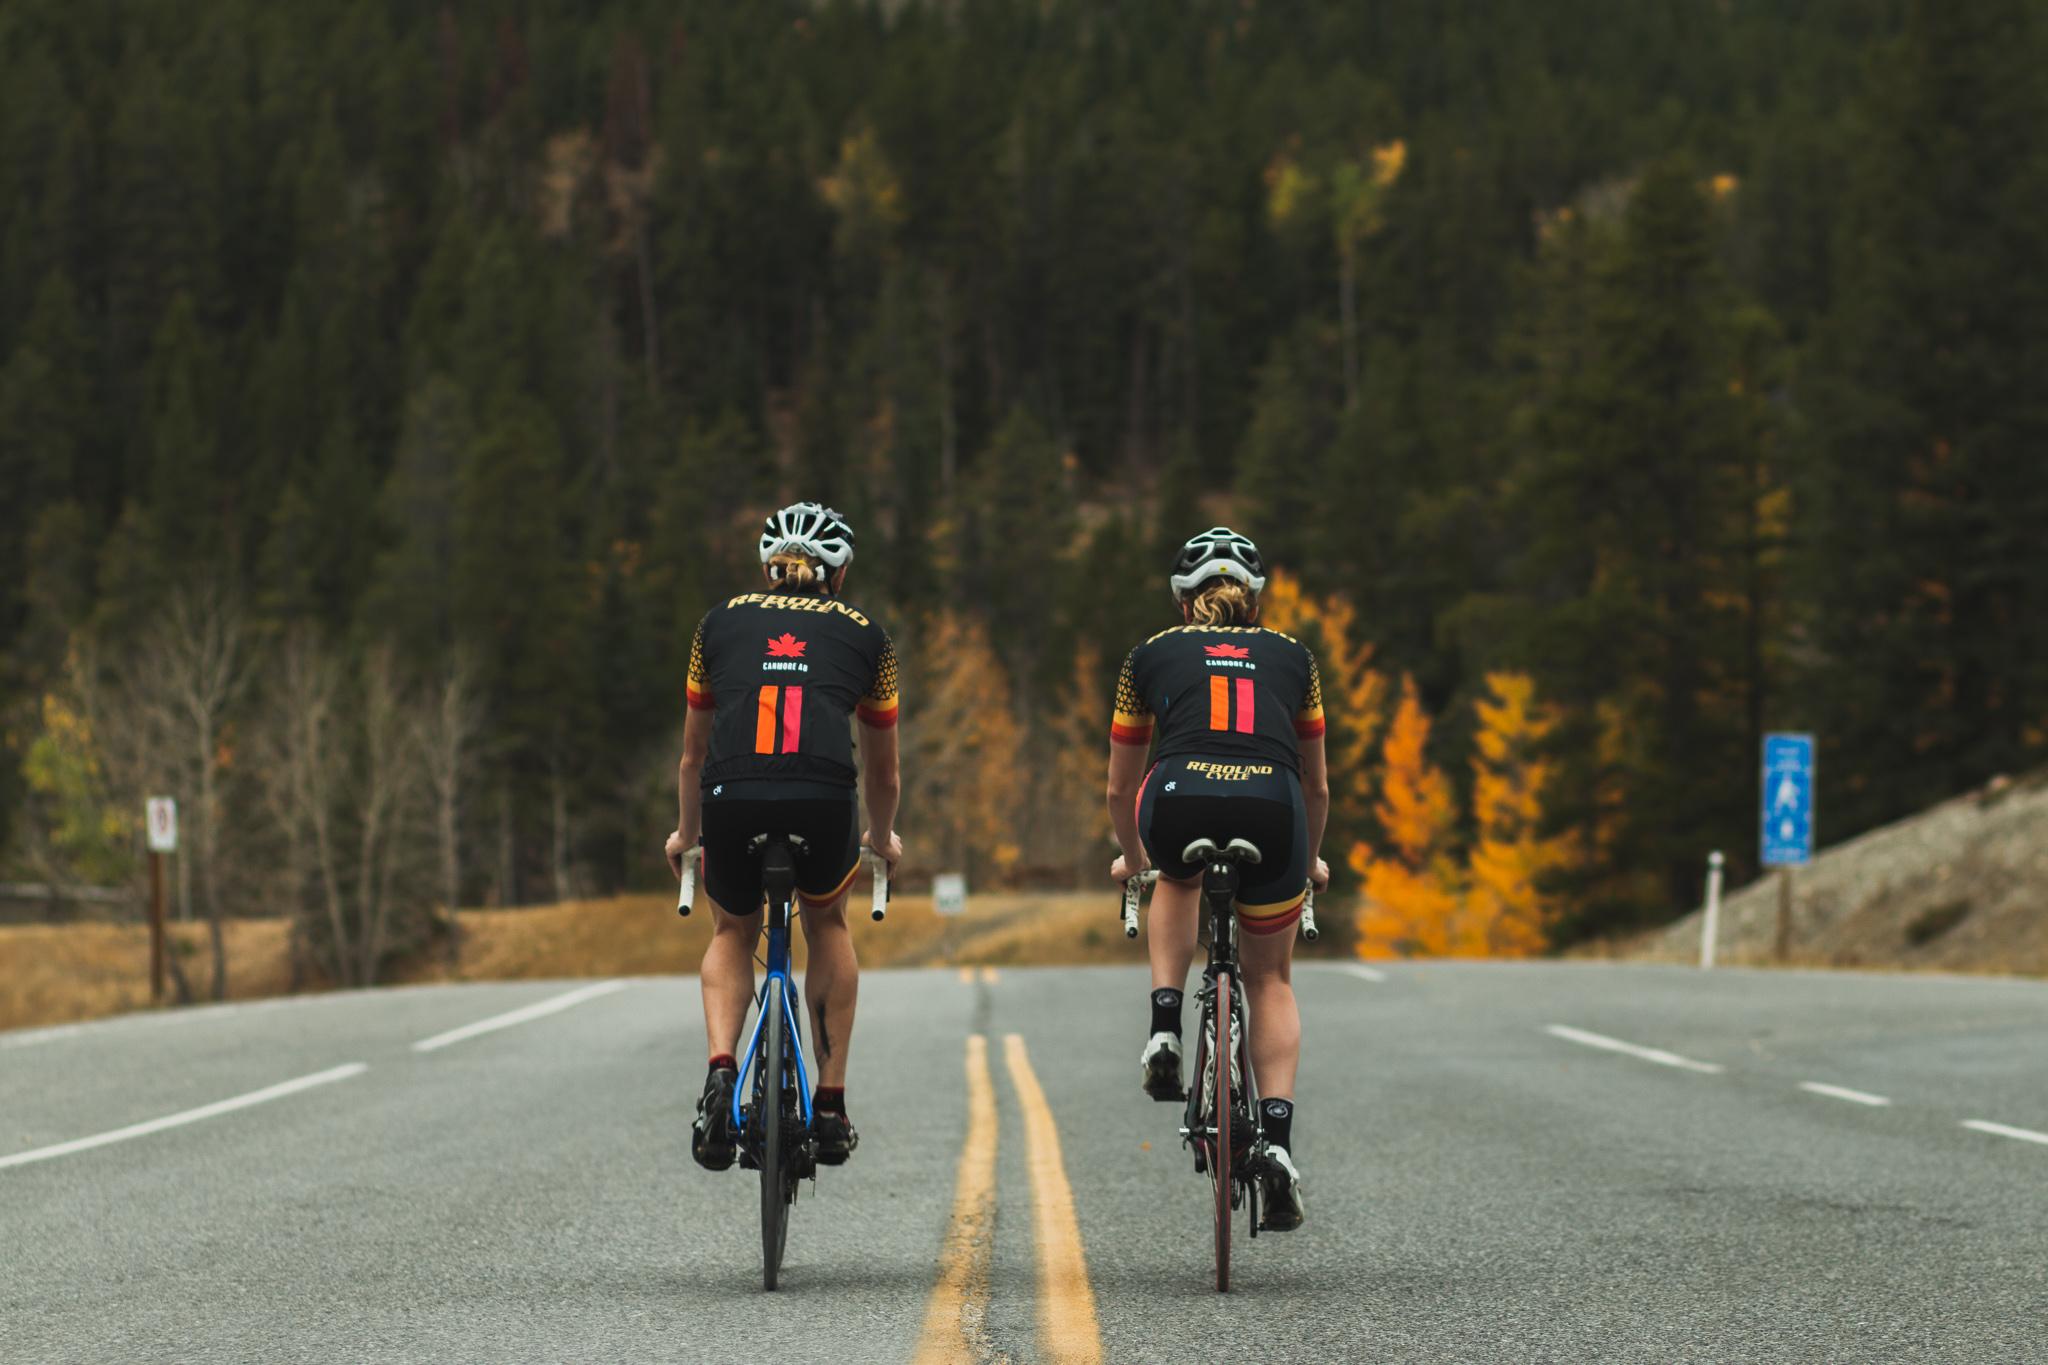 rebound cycle road kit